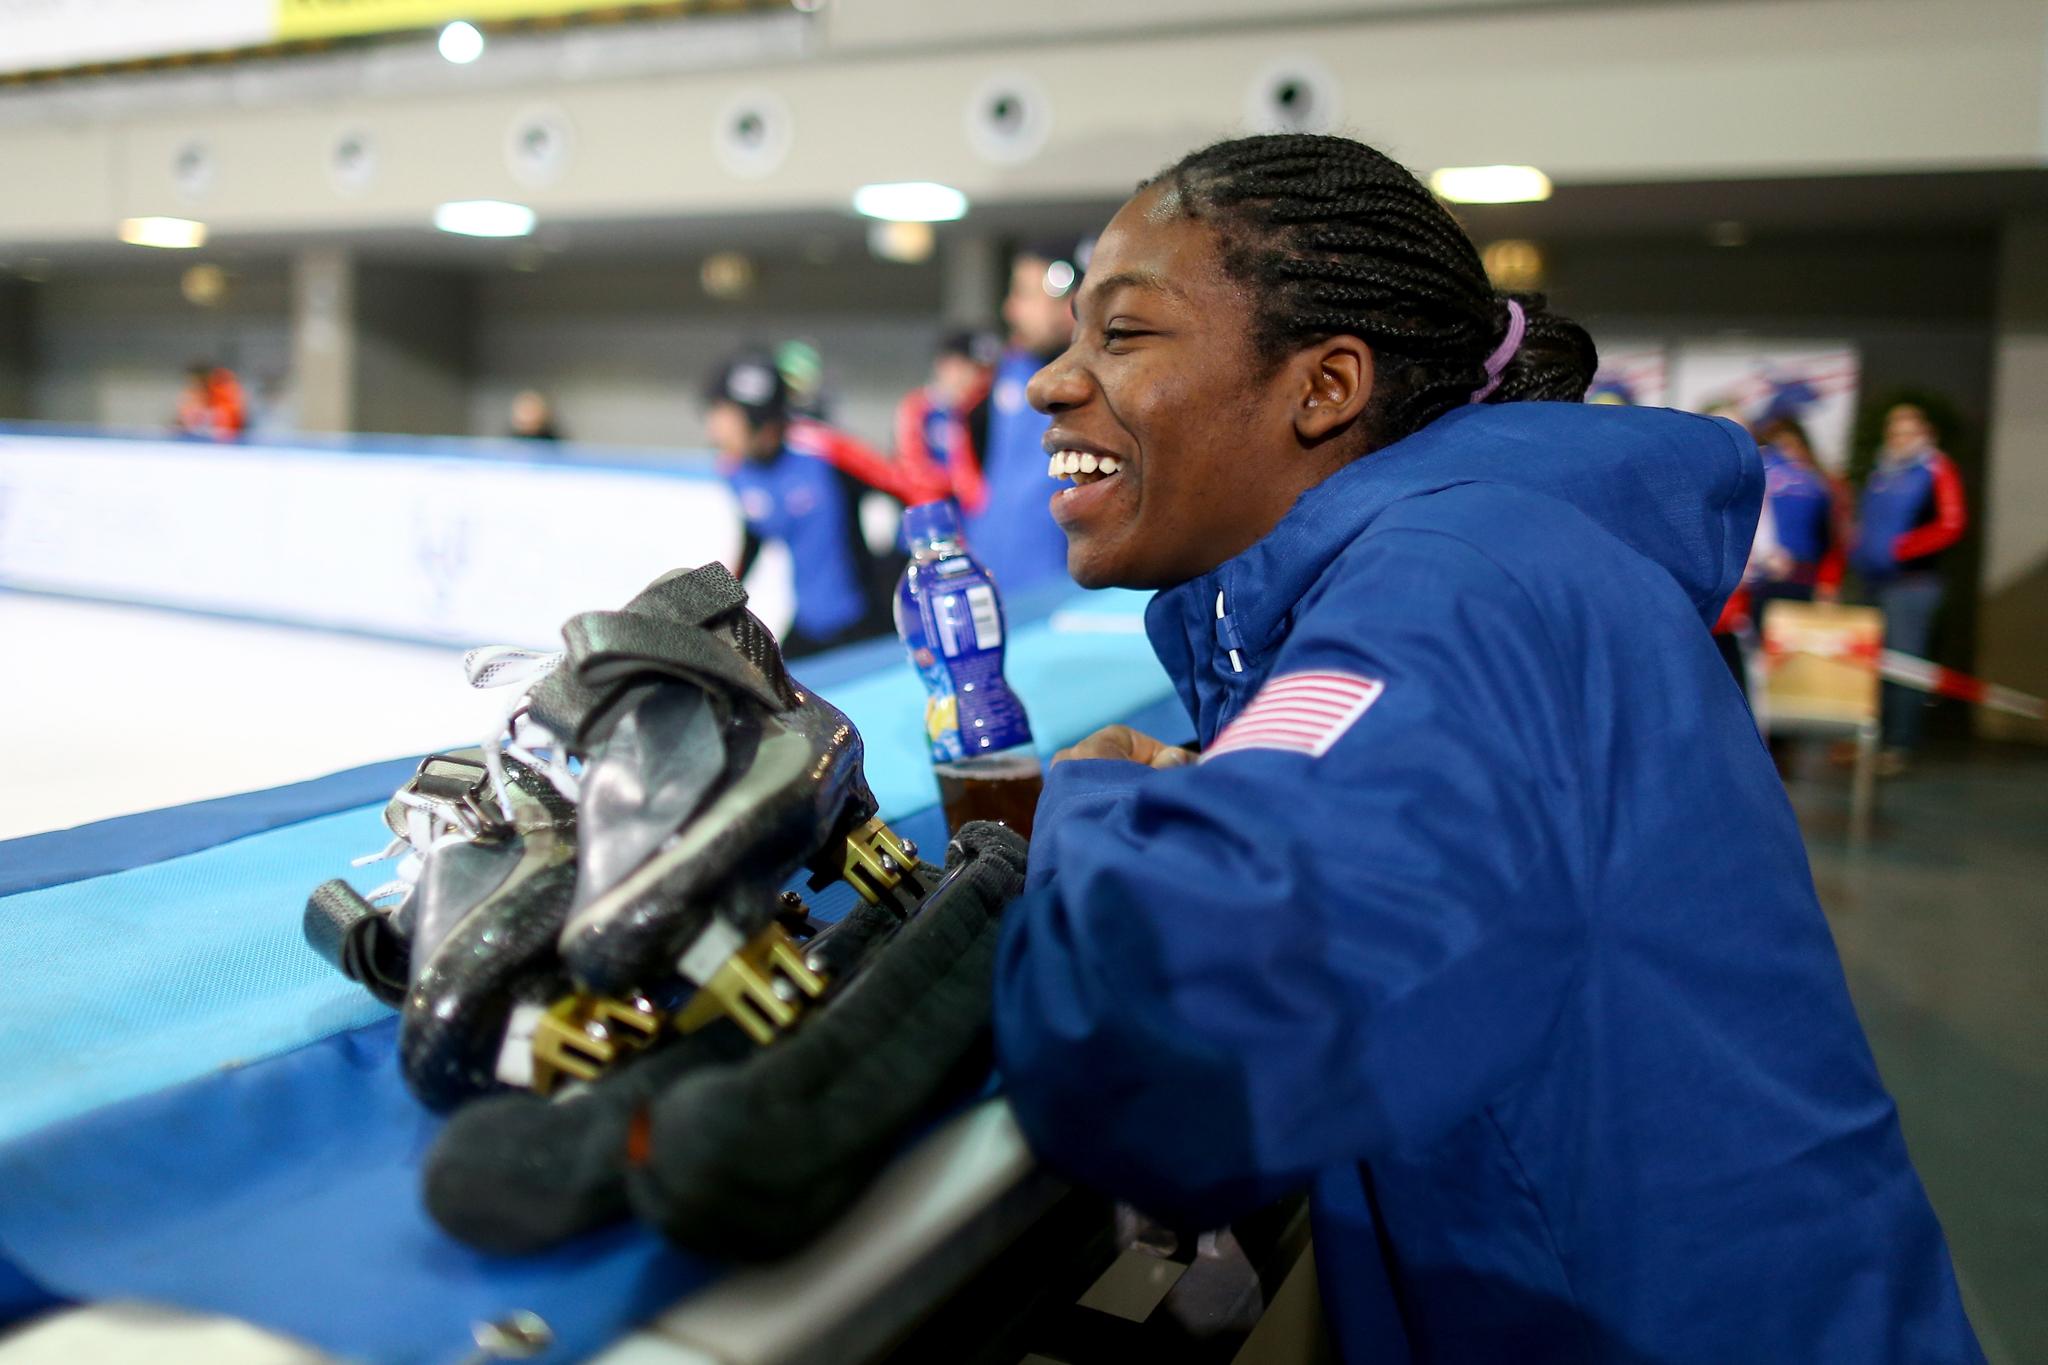 Maame Biney luce una chaqueta azul parada al borde de una pista de patinaje sobre hielo (© Christof Koepsel/ISU/Getty Images)